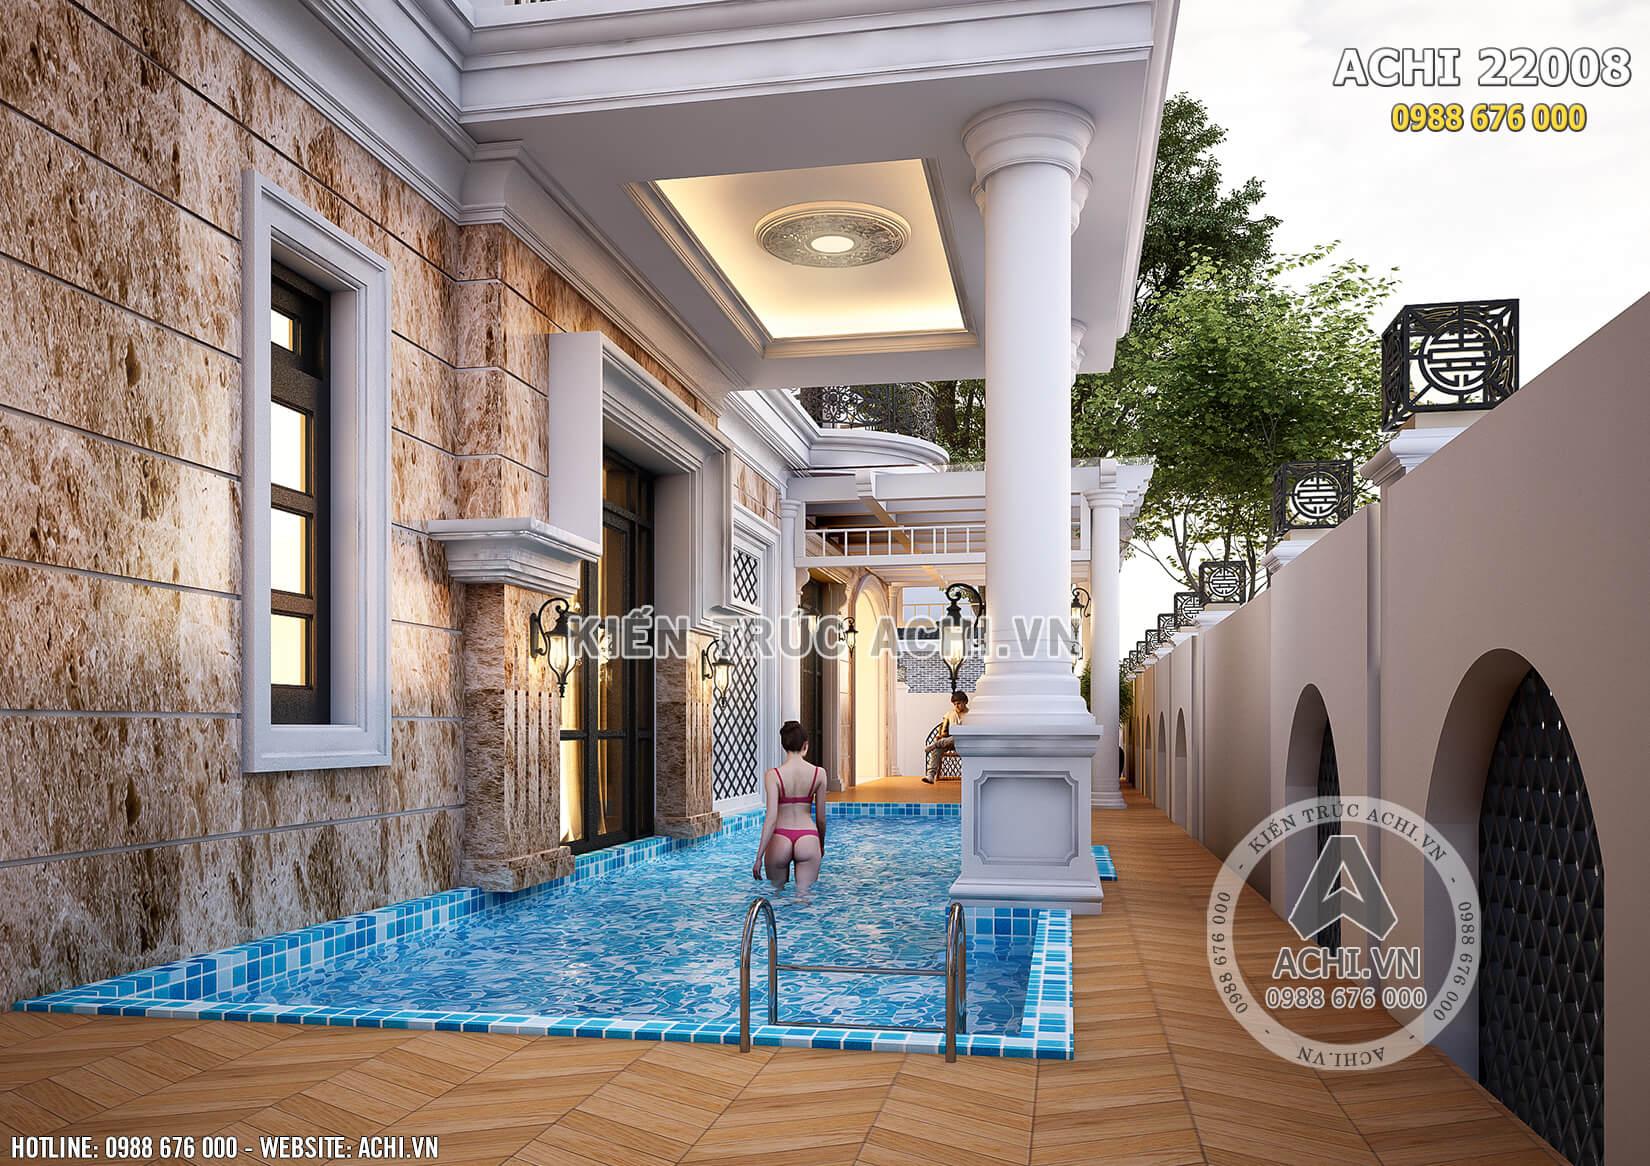 Bể bơi trong nhà đẹp là không gian thư giãn lý tưởng của gia đình